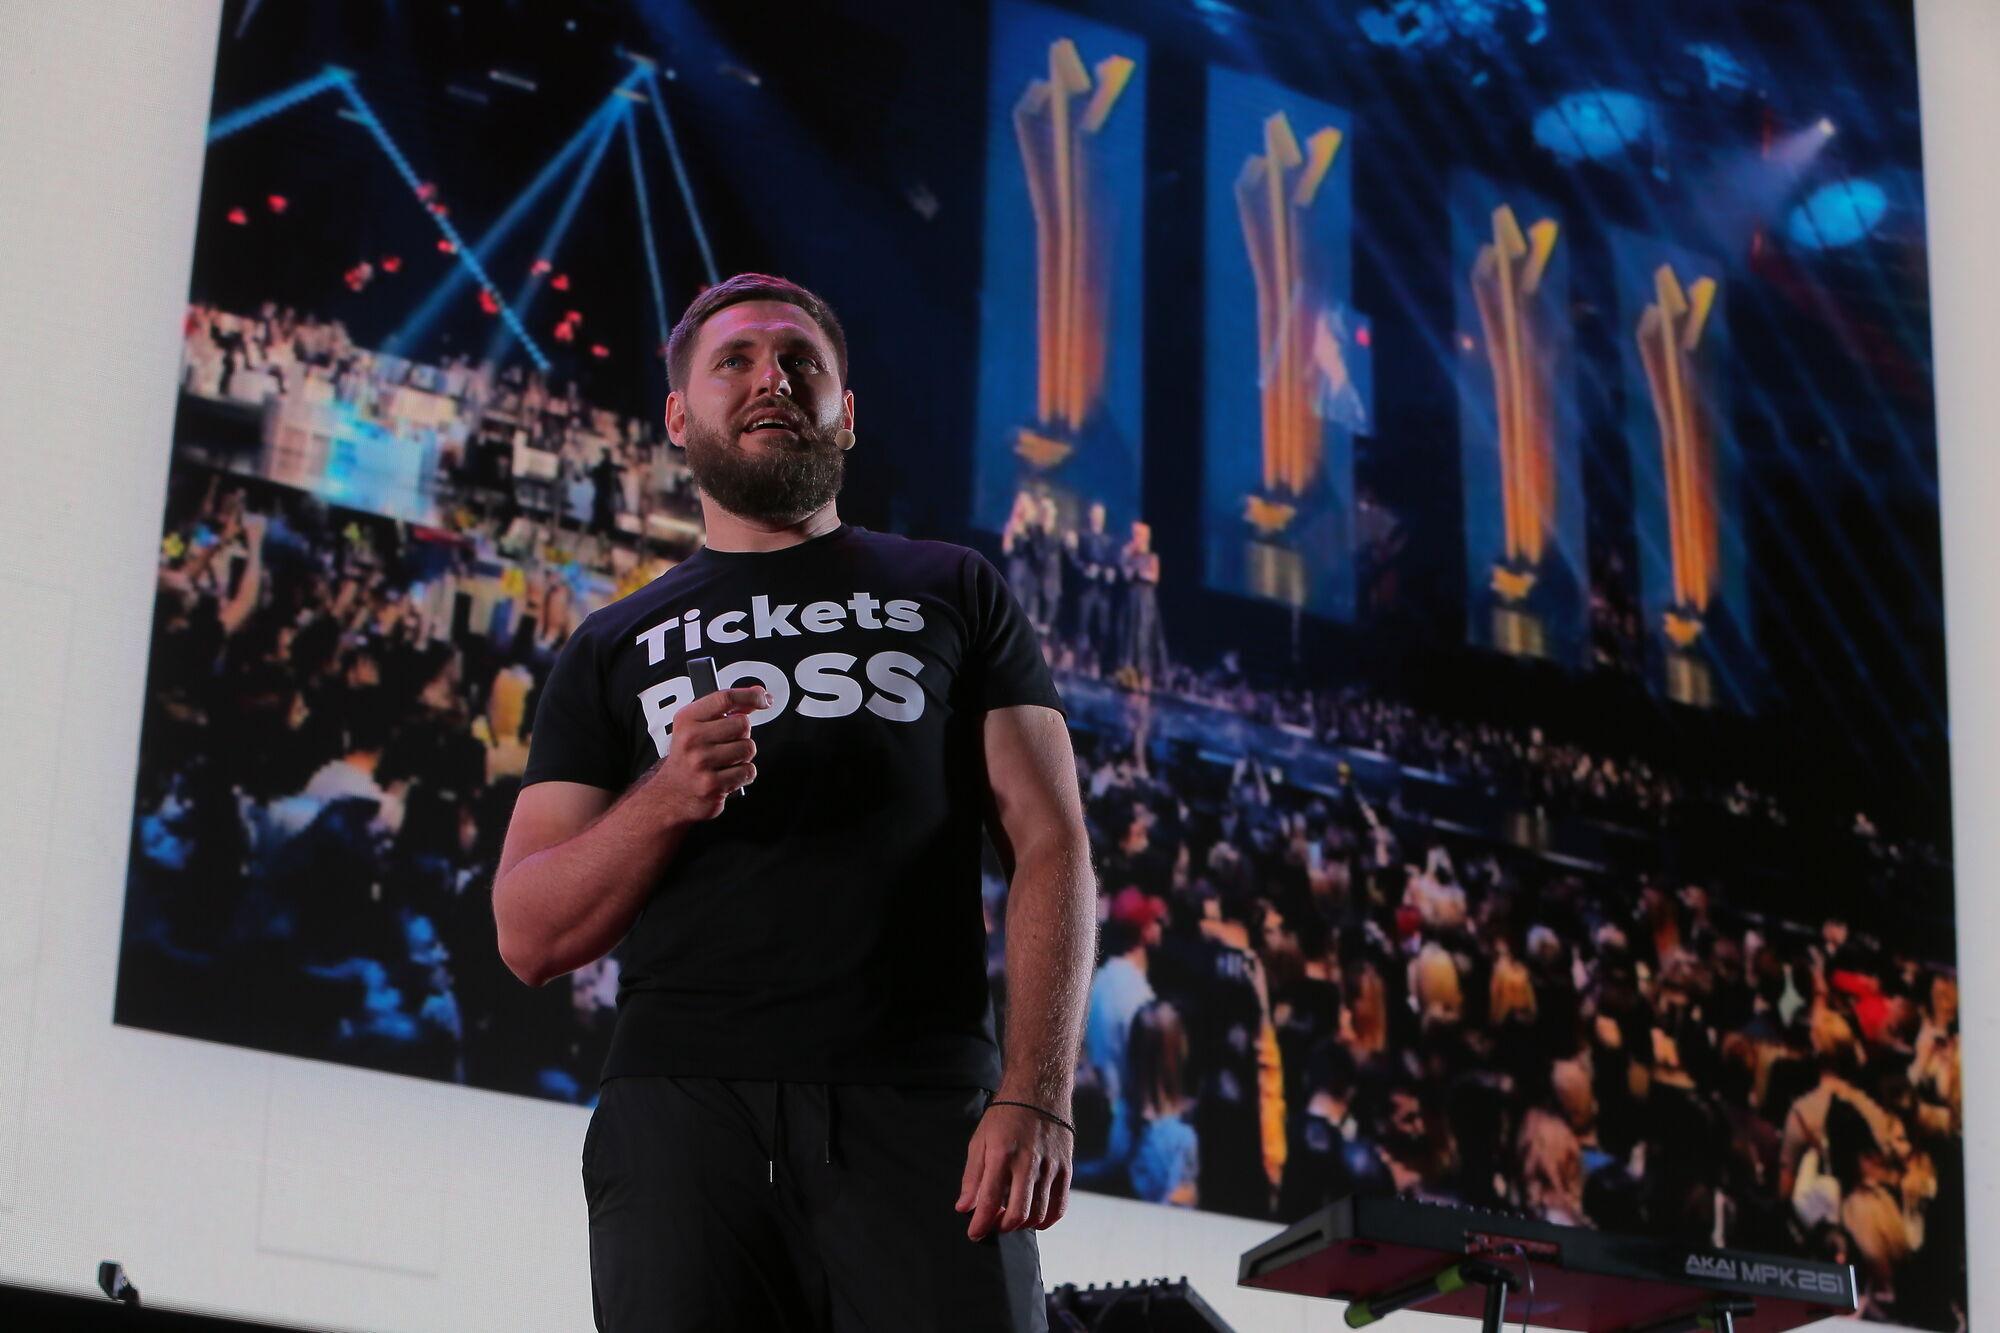 Вадим Чернецький продемонстрував основні напрацювання компанії TicketsBox